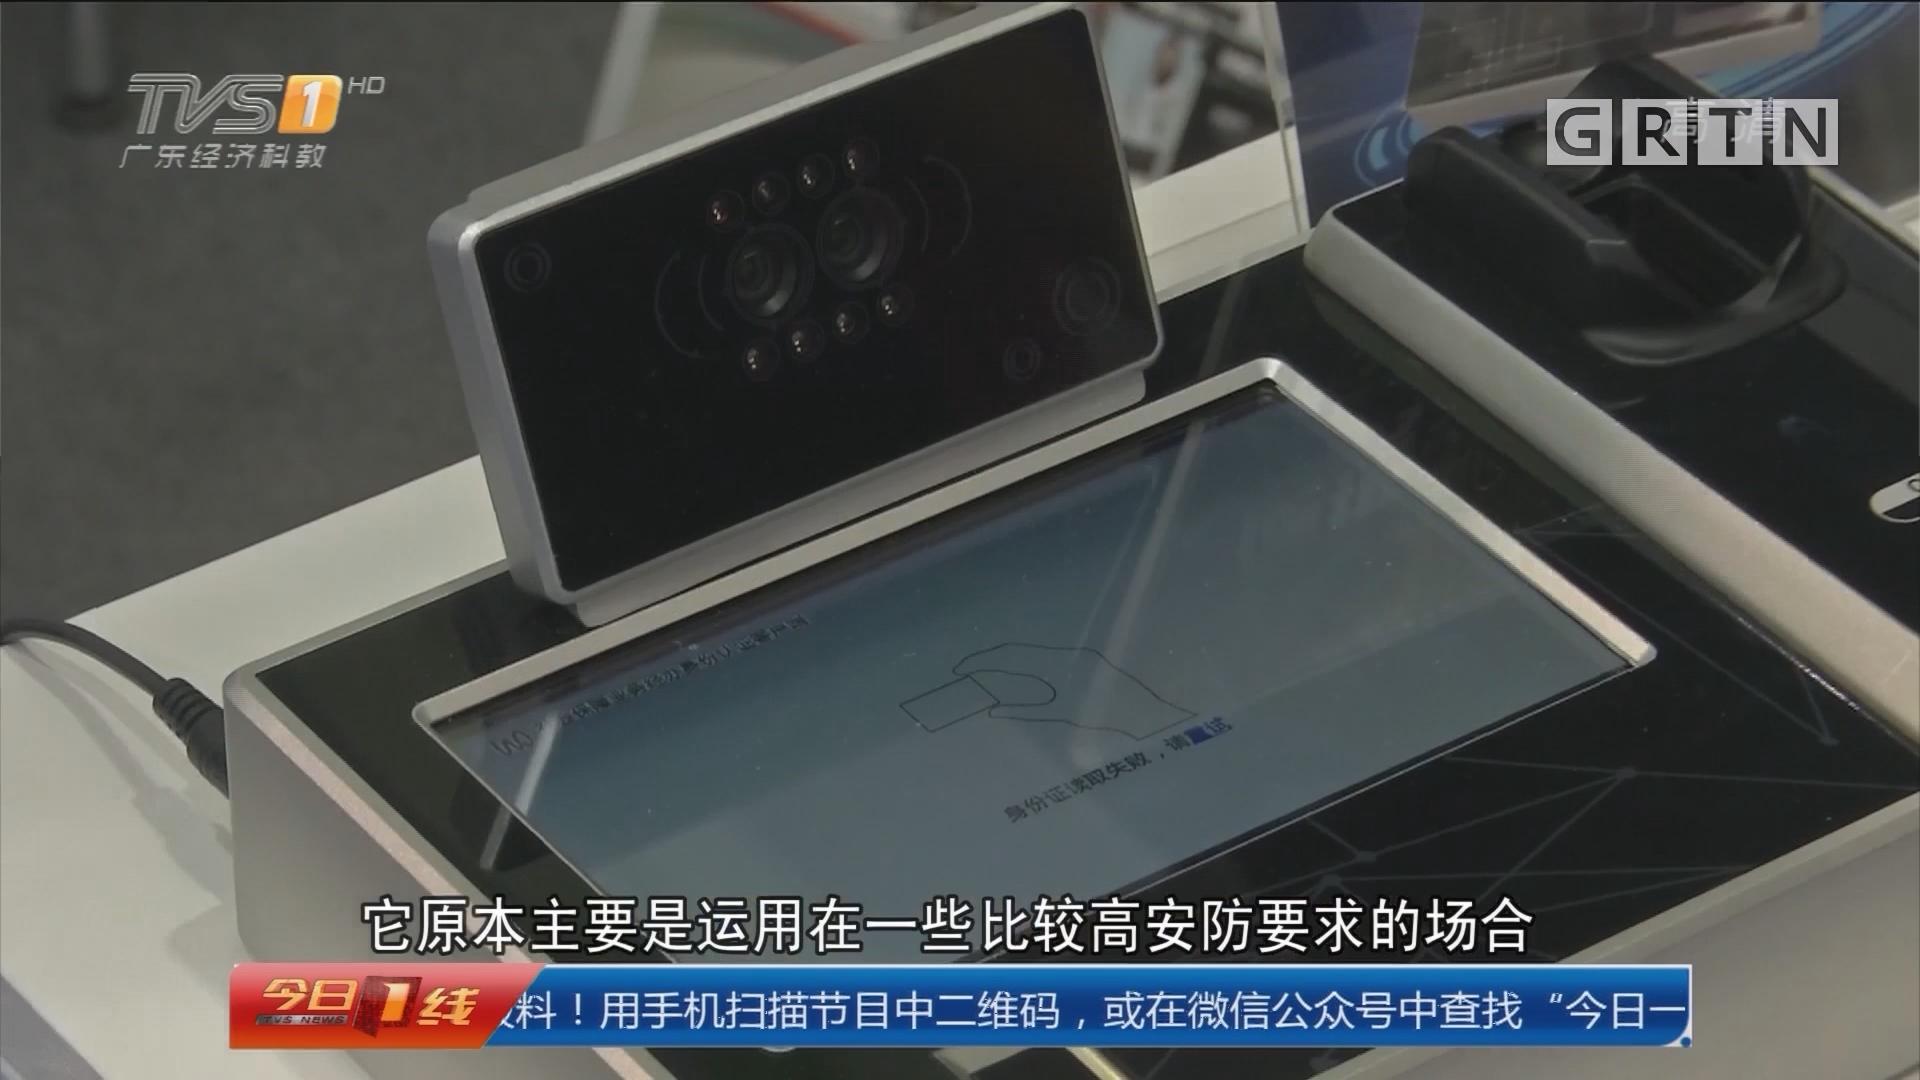 """深圳 记者探路: """"静脉识别""""走进生活"""